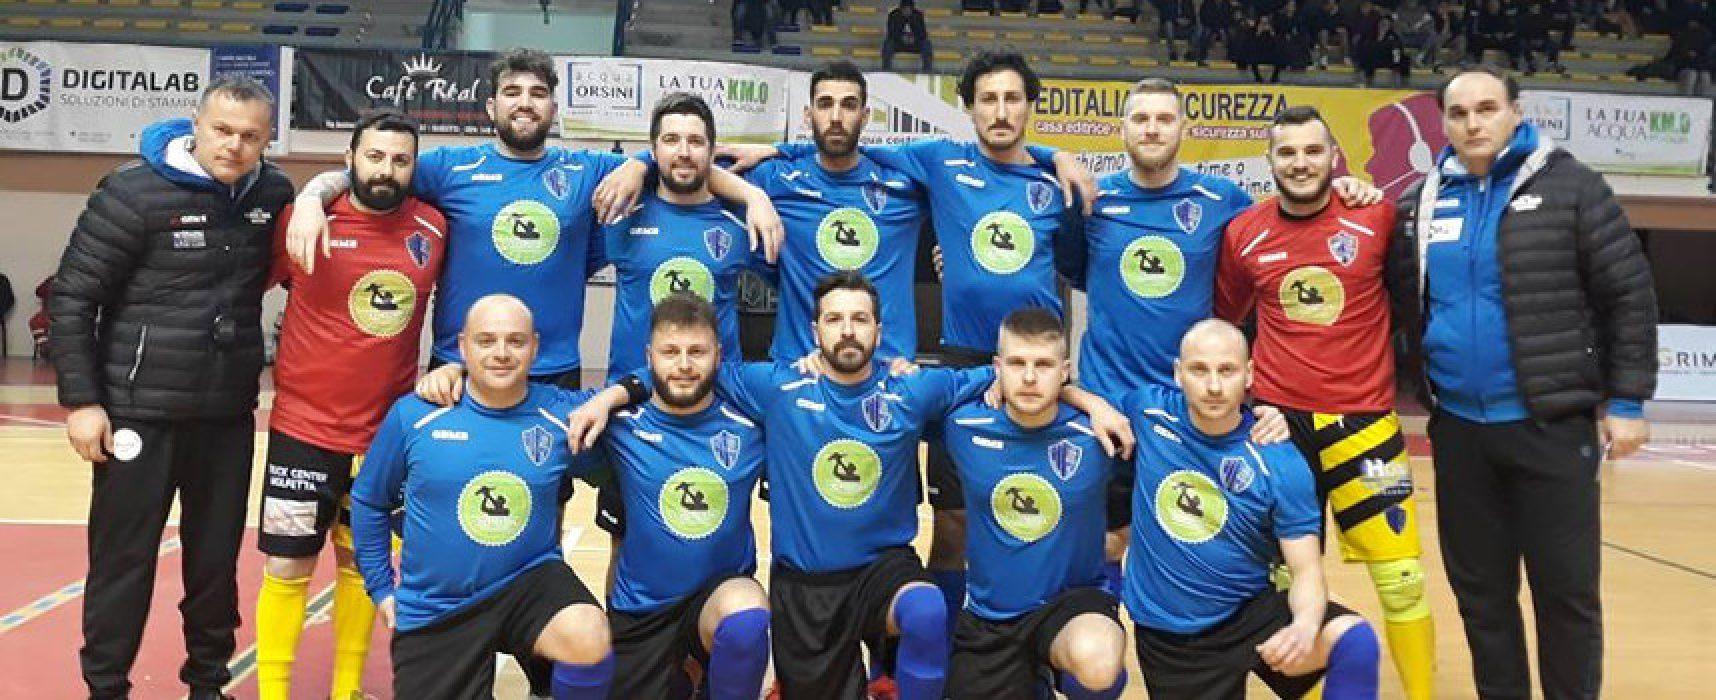 Calcio a 5, serie C2: Big match per il Futbol Cinco, riposo per il Nettuno